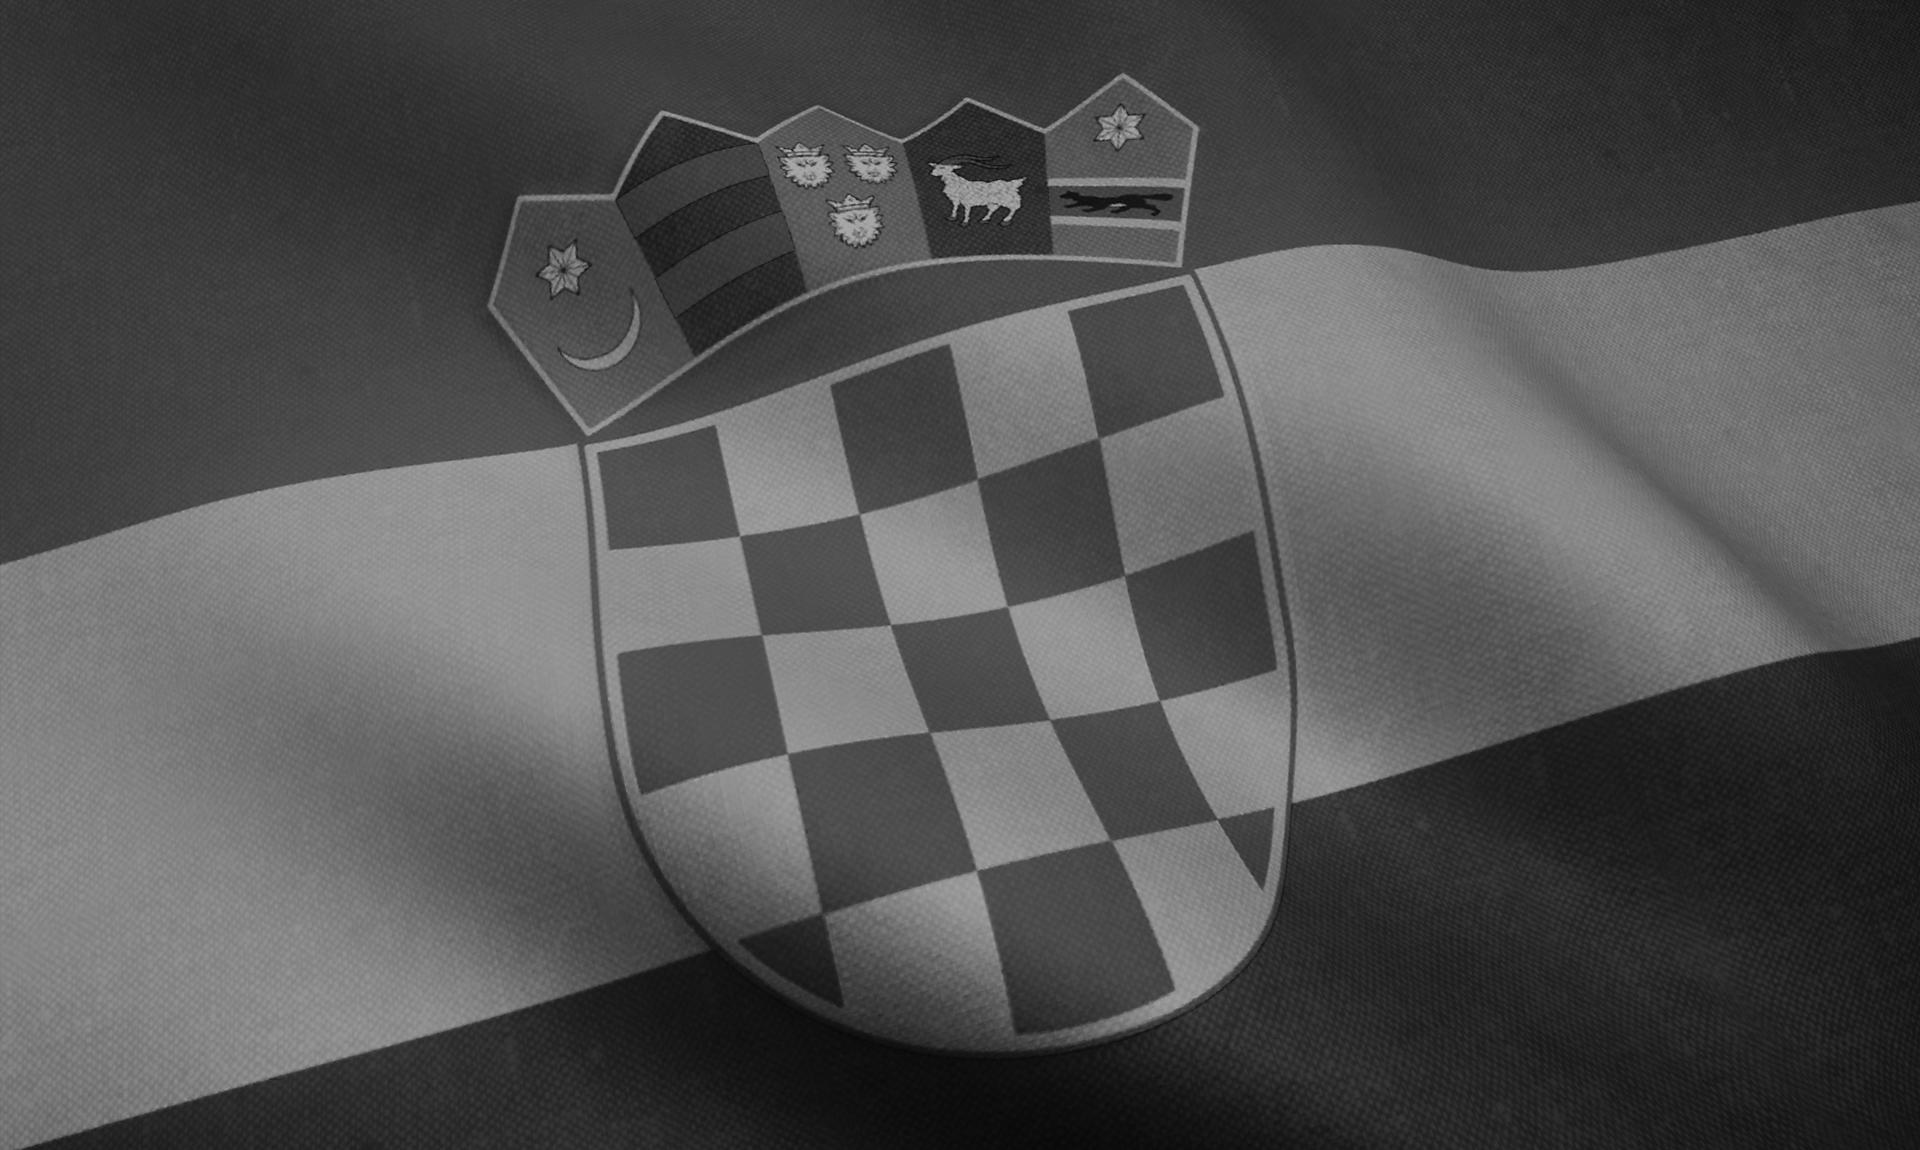 Export in Croazia: la bandiera del Paese in bianco e nero/Croatia: the flag of the country in B/W